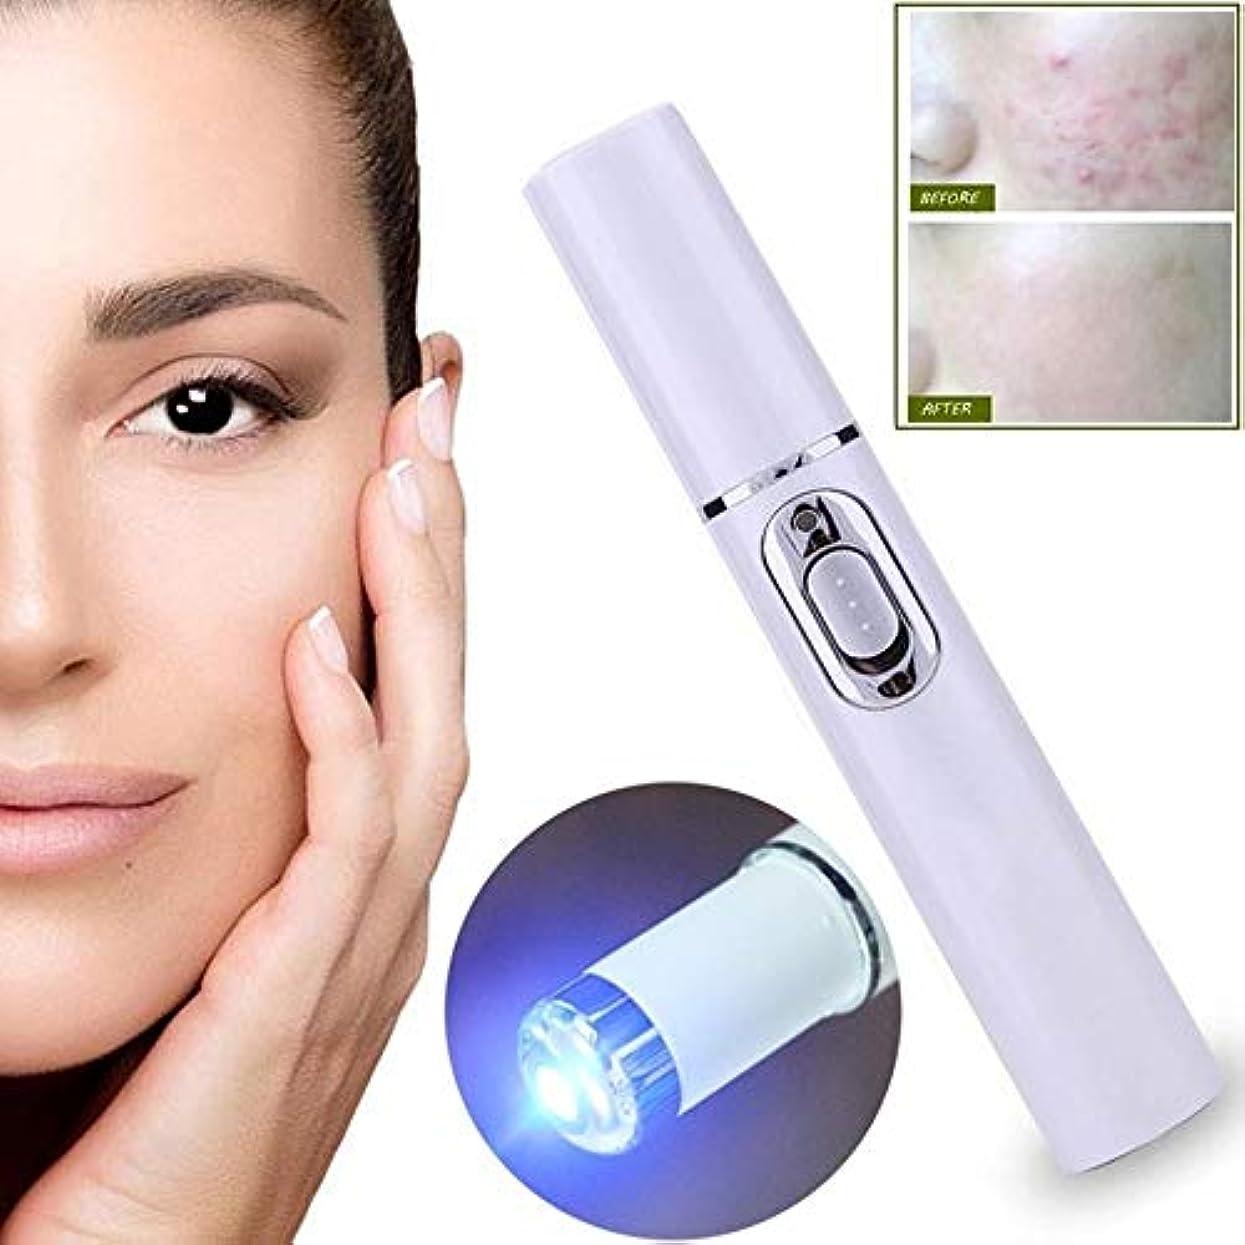 誇張する許可物思いにふけるにきび治療とにきび跡治療のための美容ライトセラピーデバイス、にきびを削除し、しわほくろダークスポット除去機を削減します